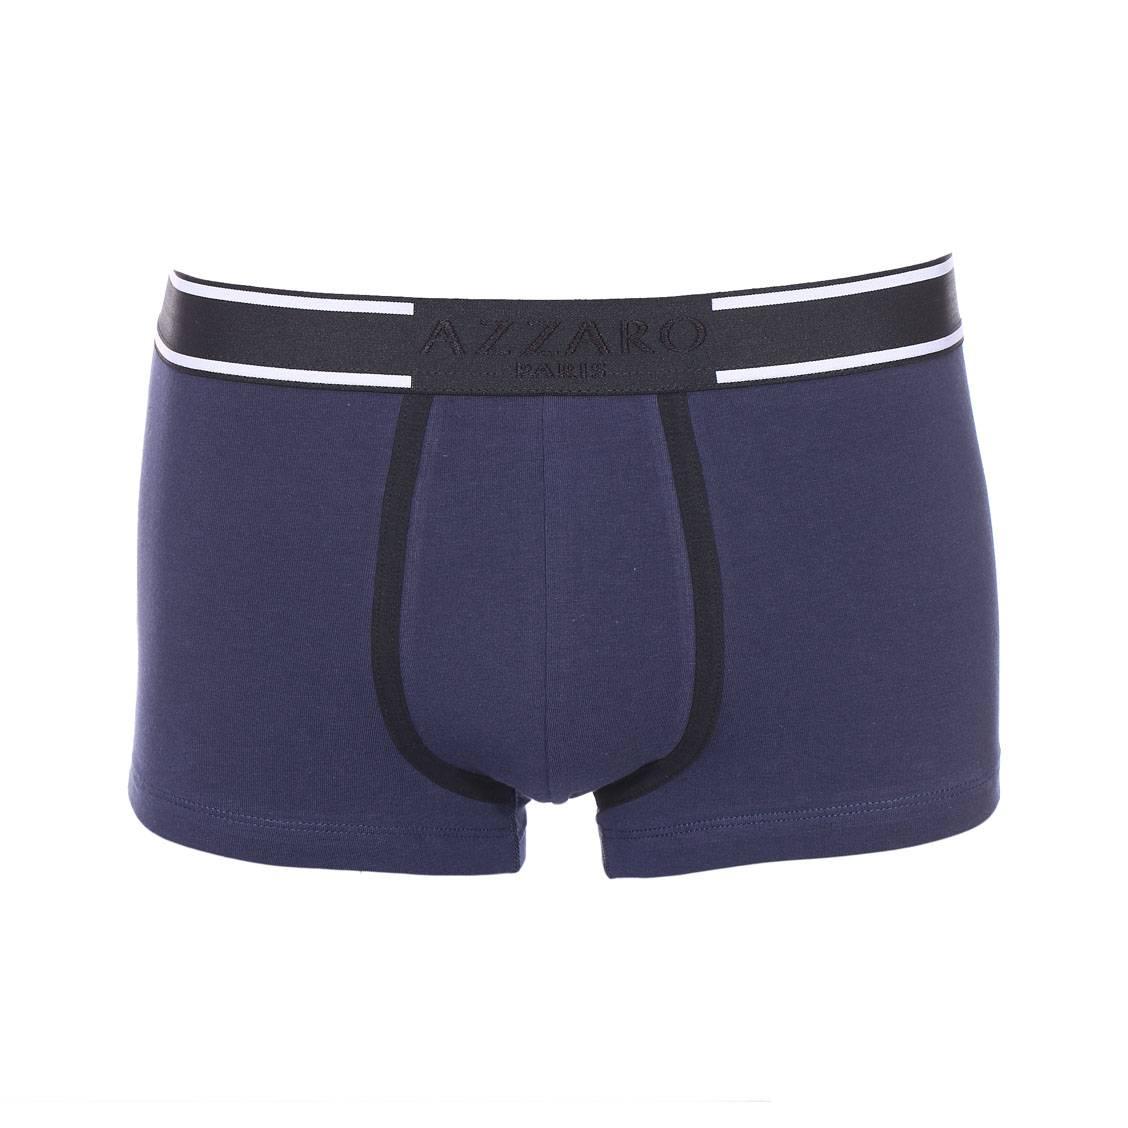 Boxer Azzaro en coton stretch bleu marine à ceinture noire